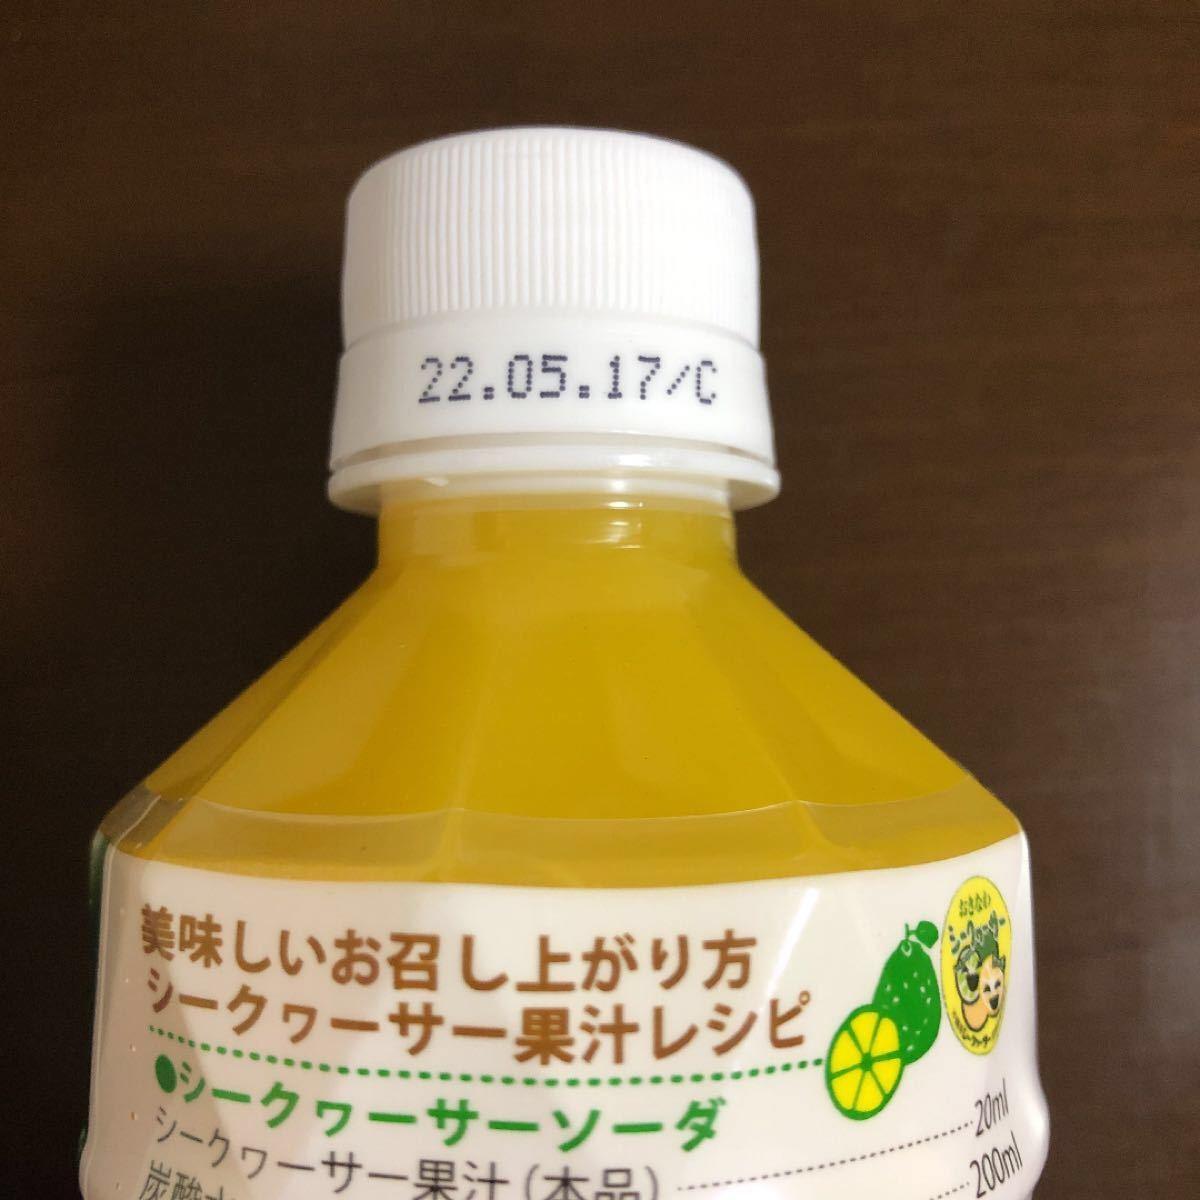 沖縄シークワーサー果汁100% 500ml 4本